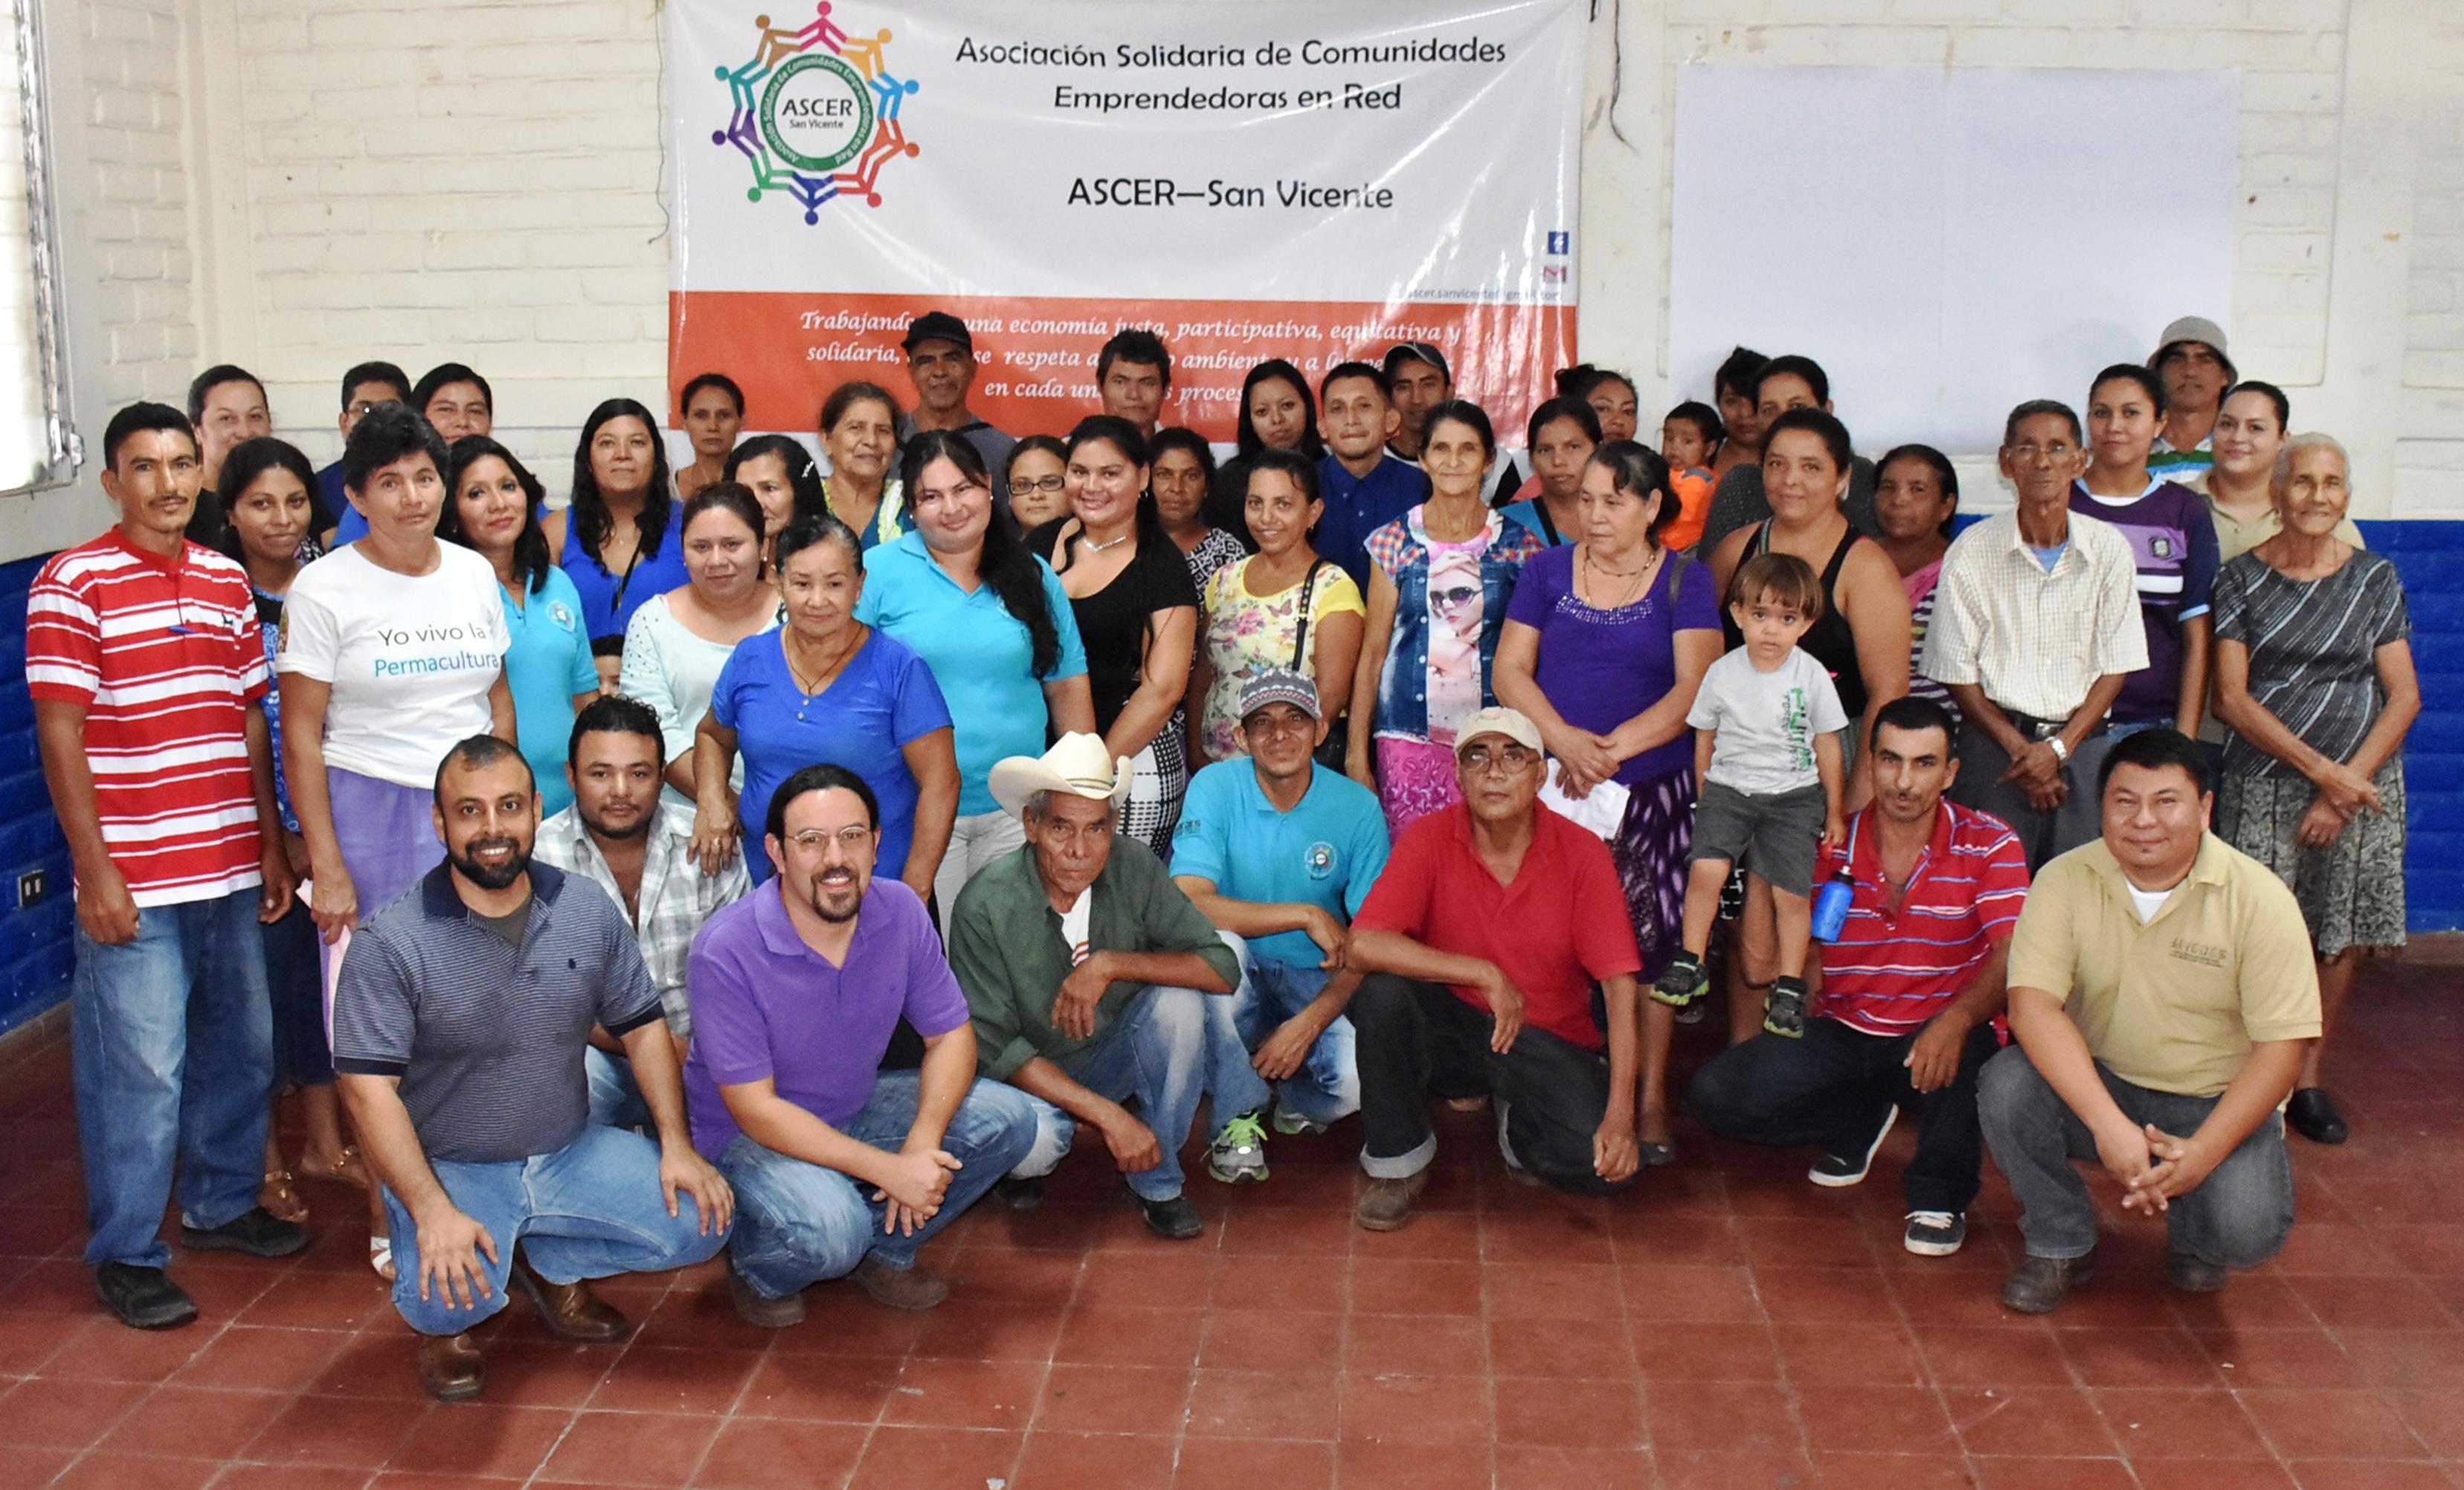 Fortalecimiento de iniciativas económicas solidarias